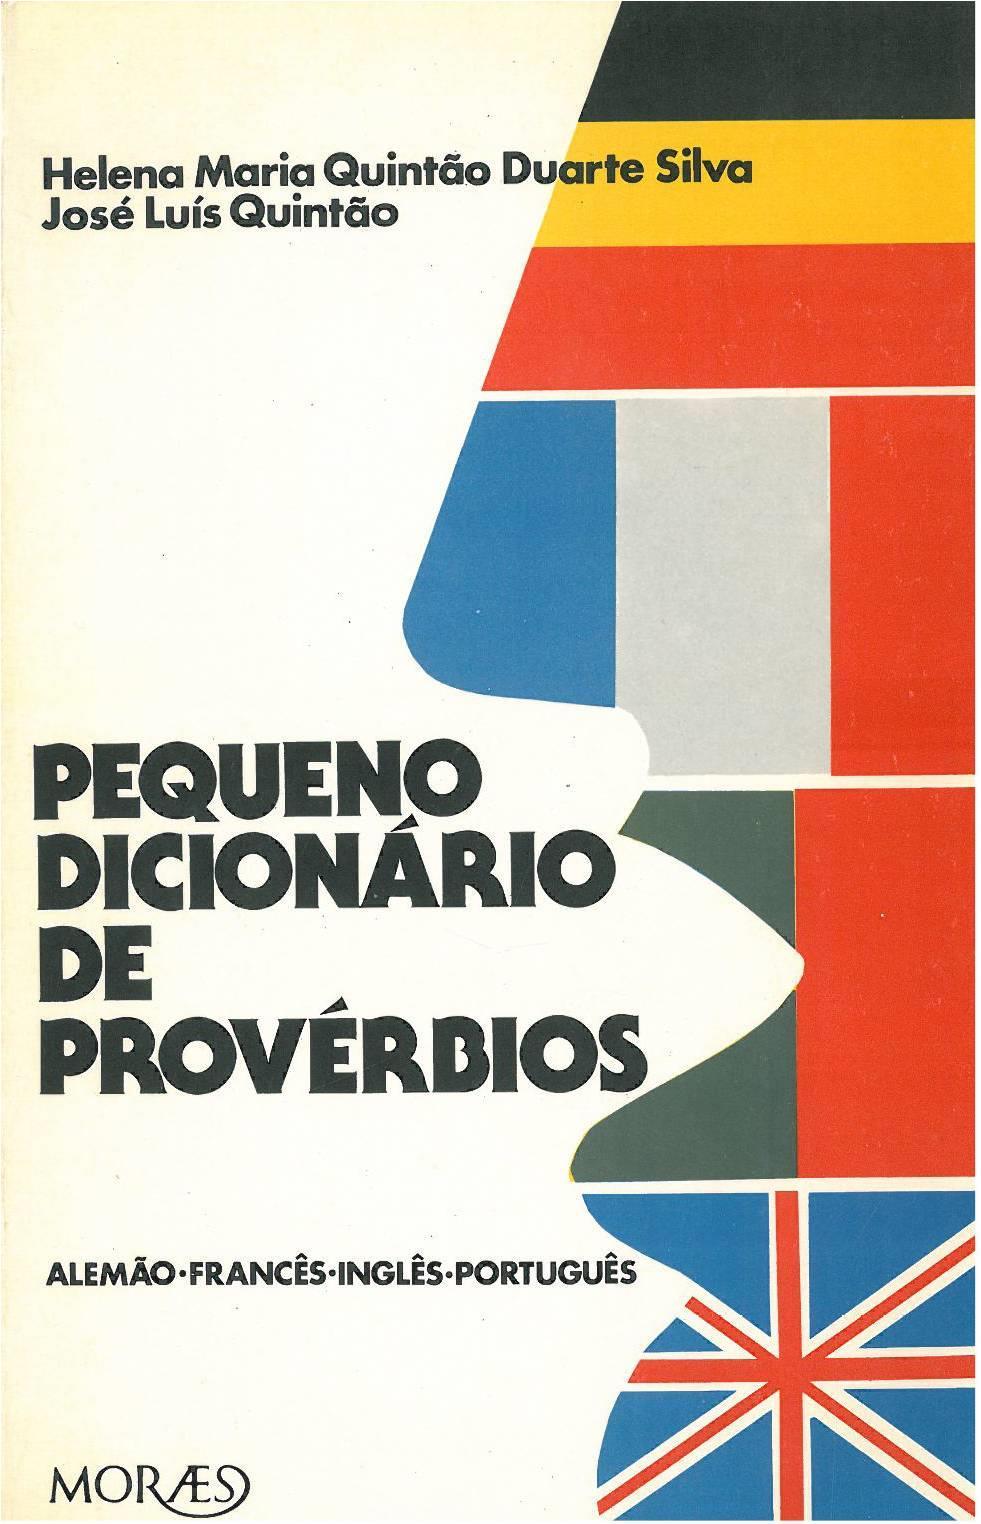 Pequeno dicionário de provérbios_.jpg